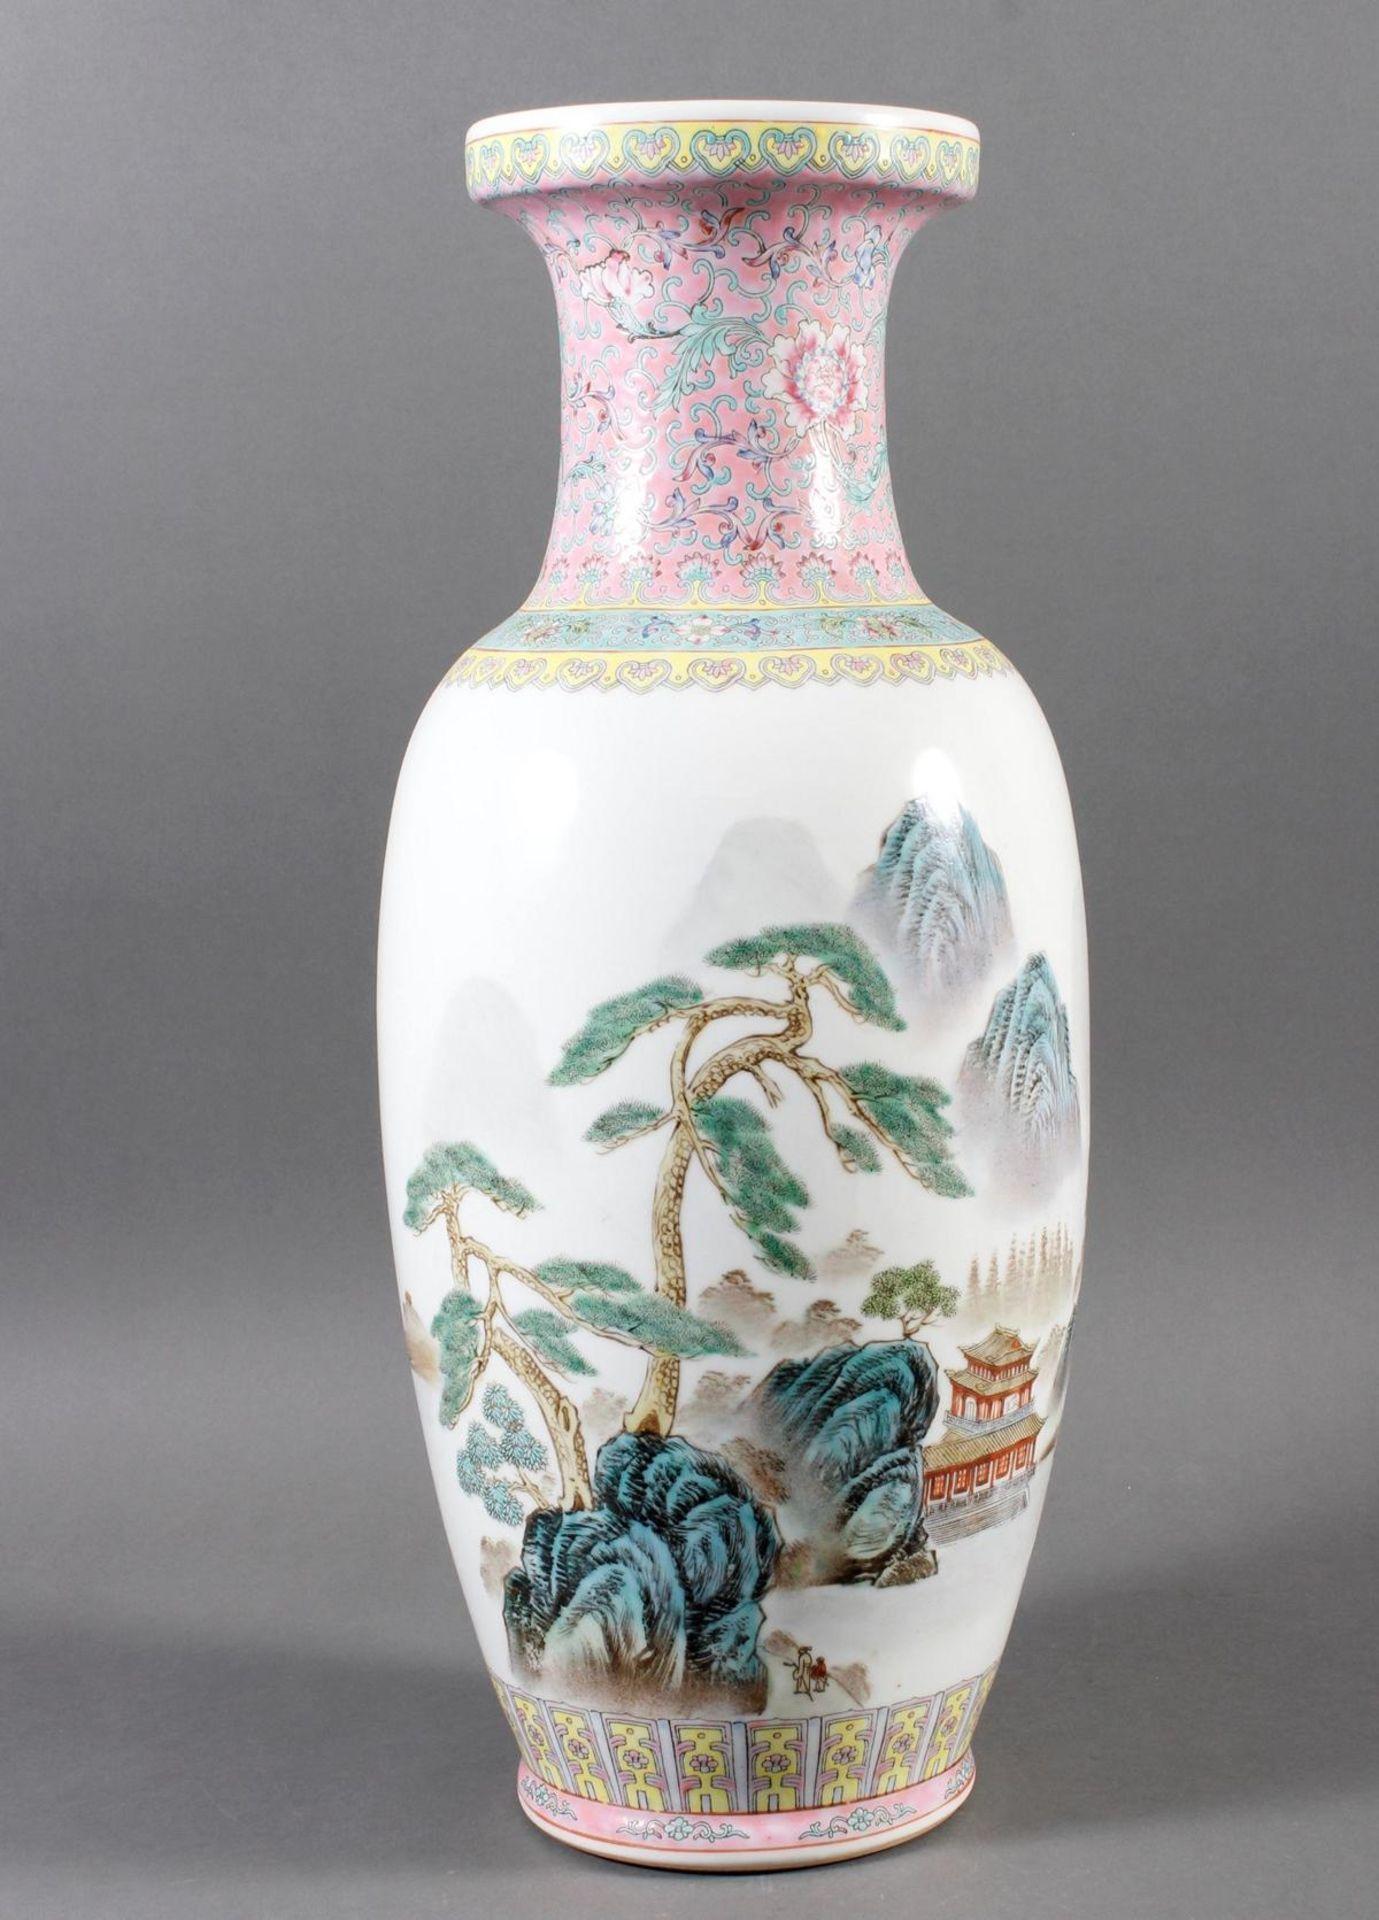 Porzellan Bodenvase, China 20. Jahrhundert